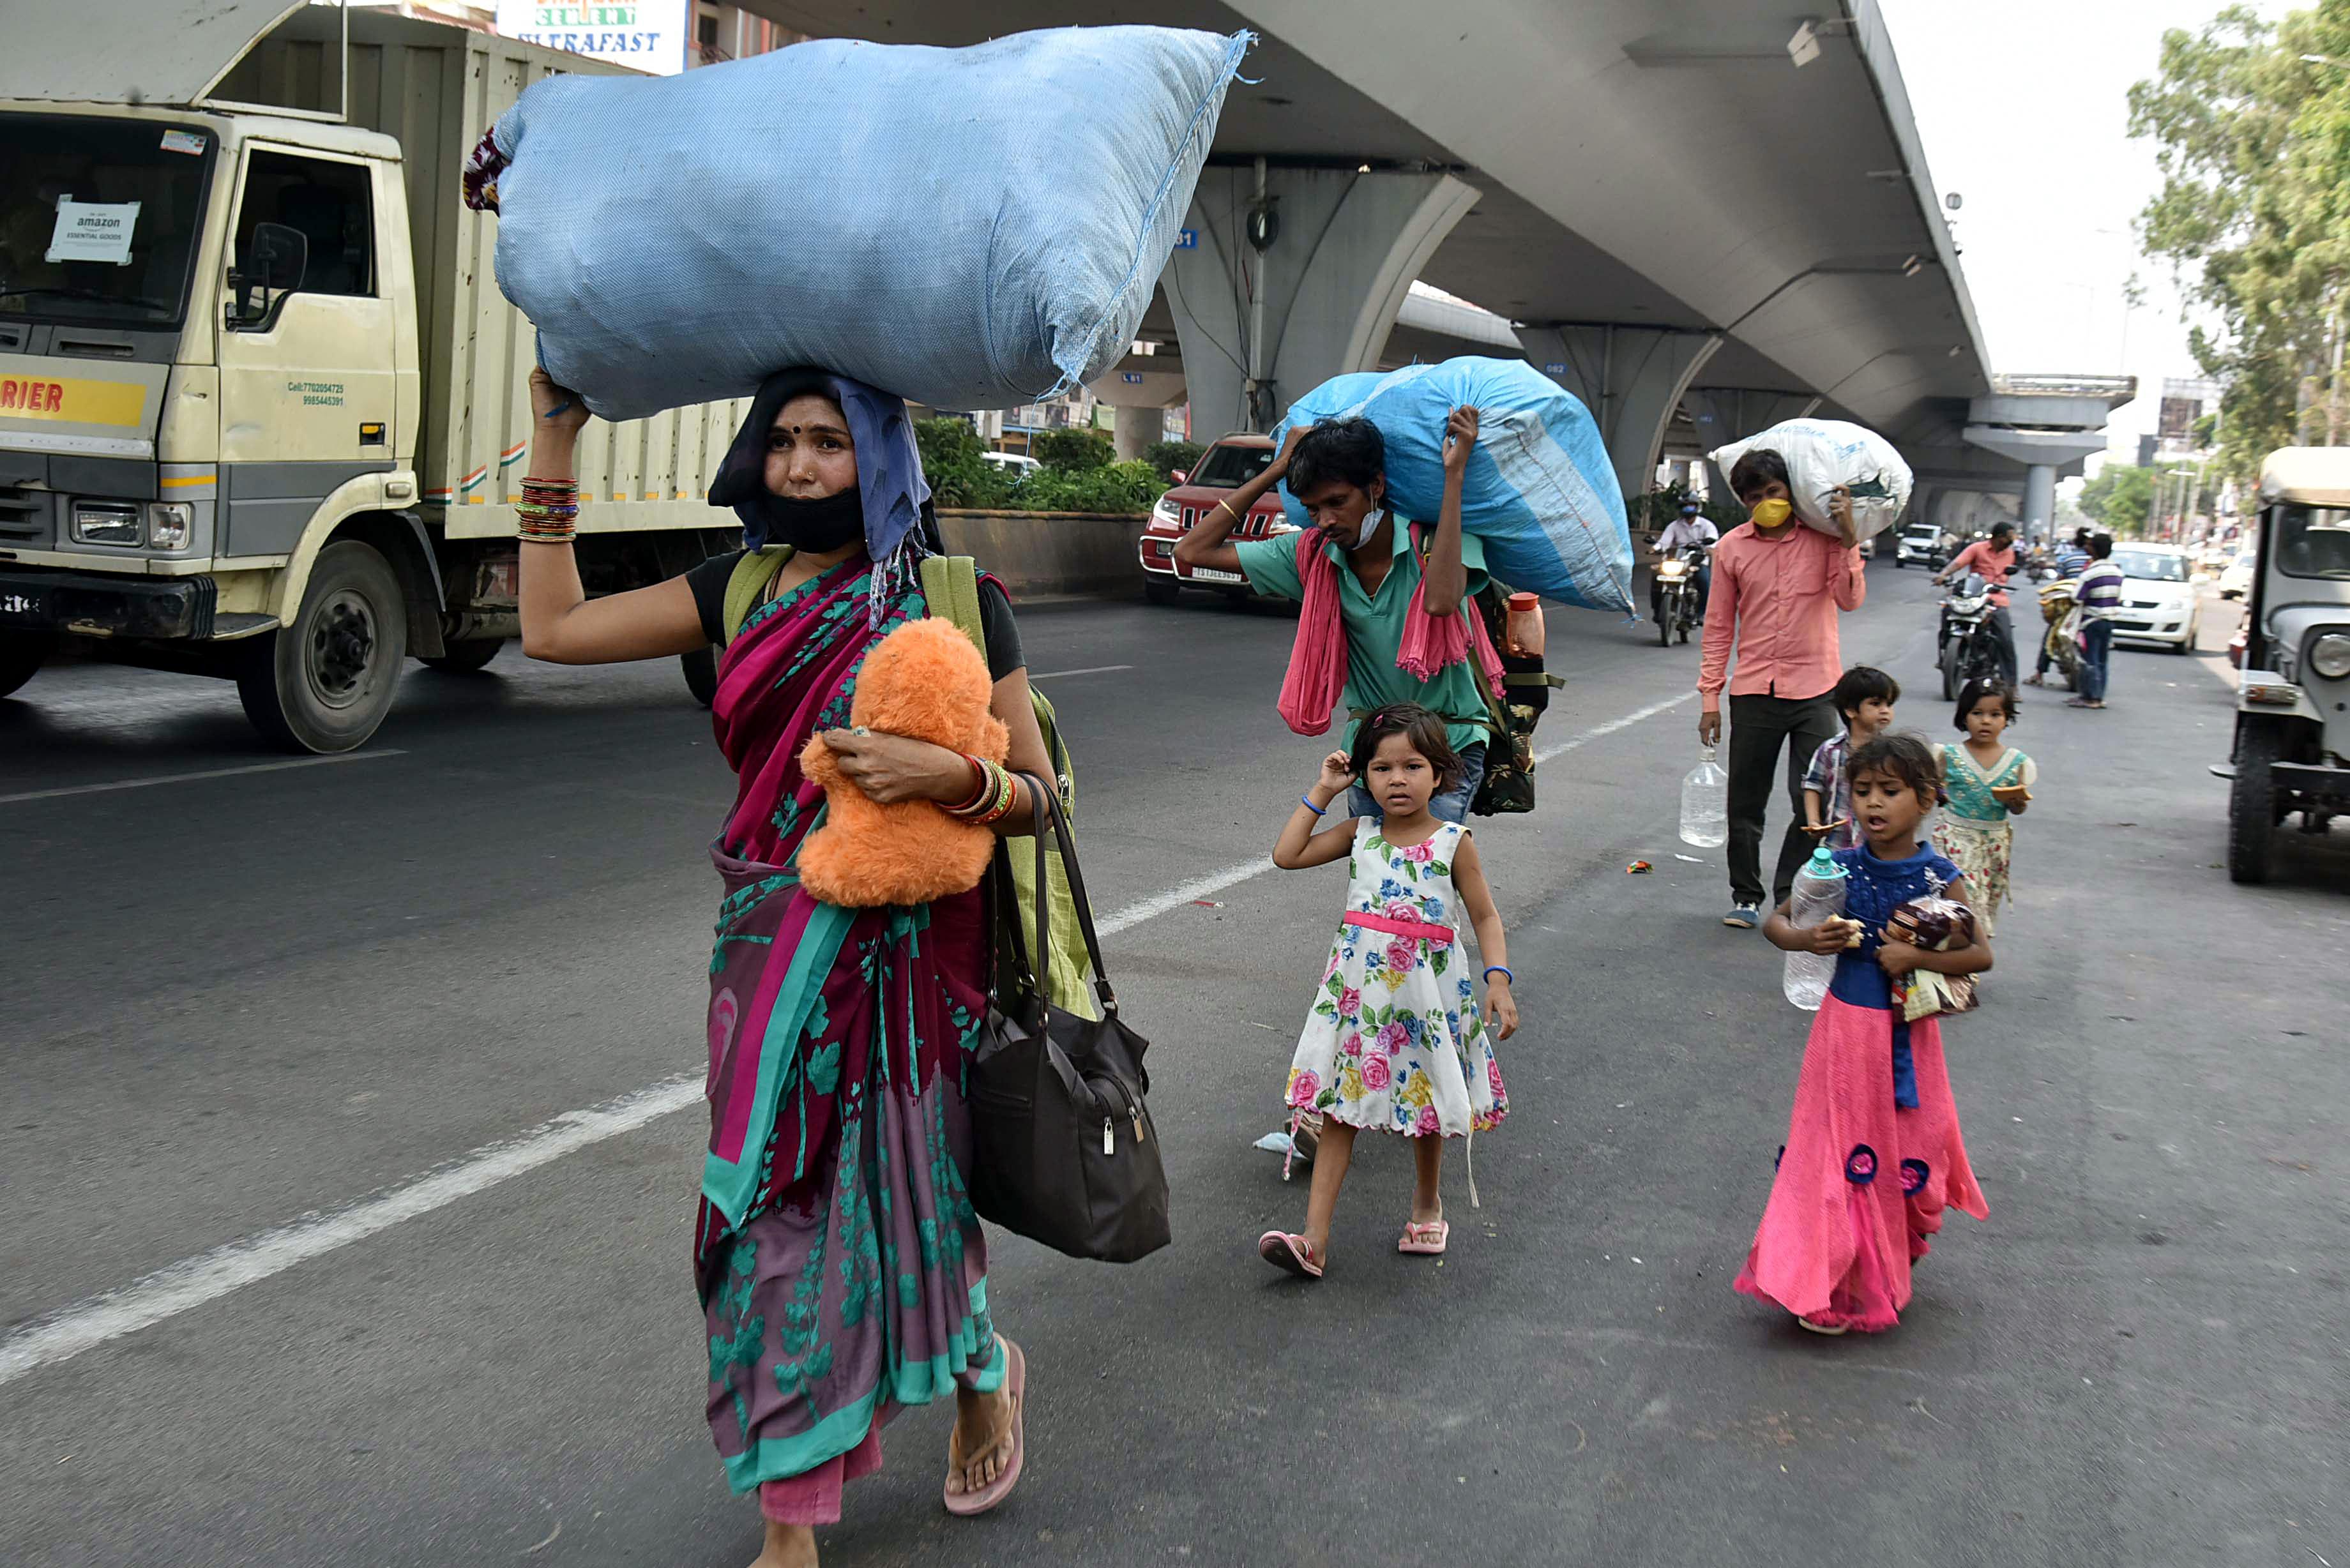 نقل مکانی کرنے والے مزدوروں کی دوبارہ حیدرآباد واپسی